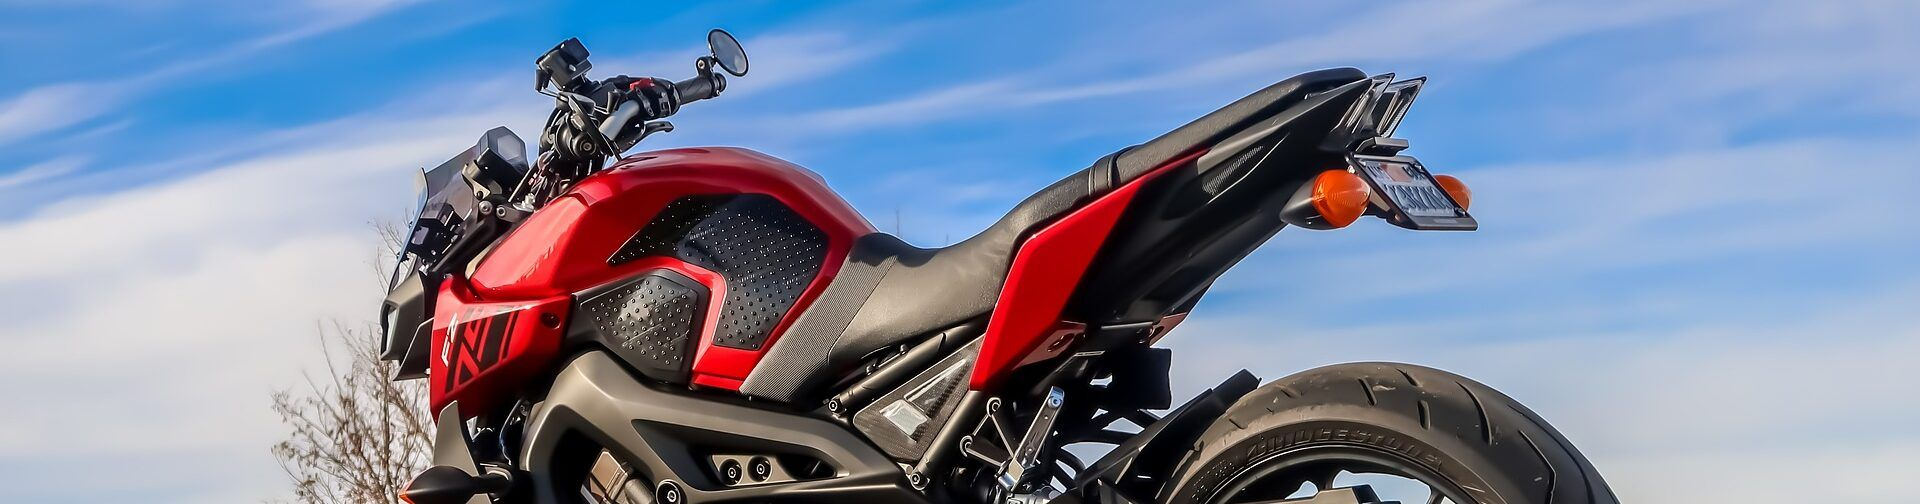 coomo-conducir-moto